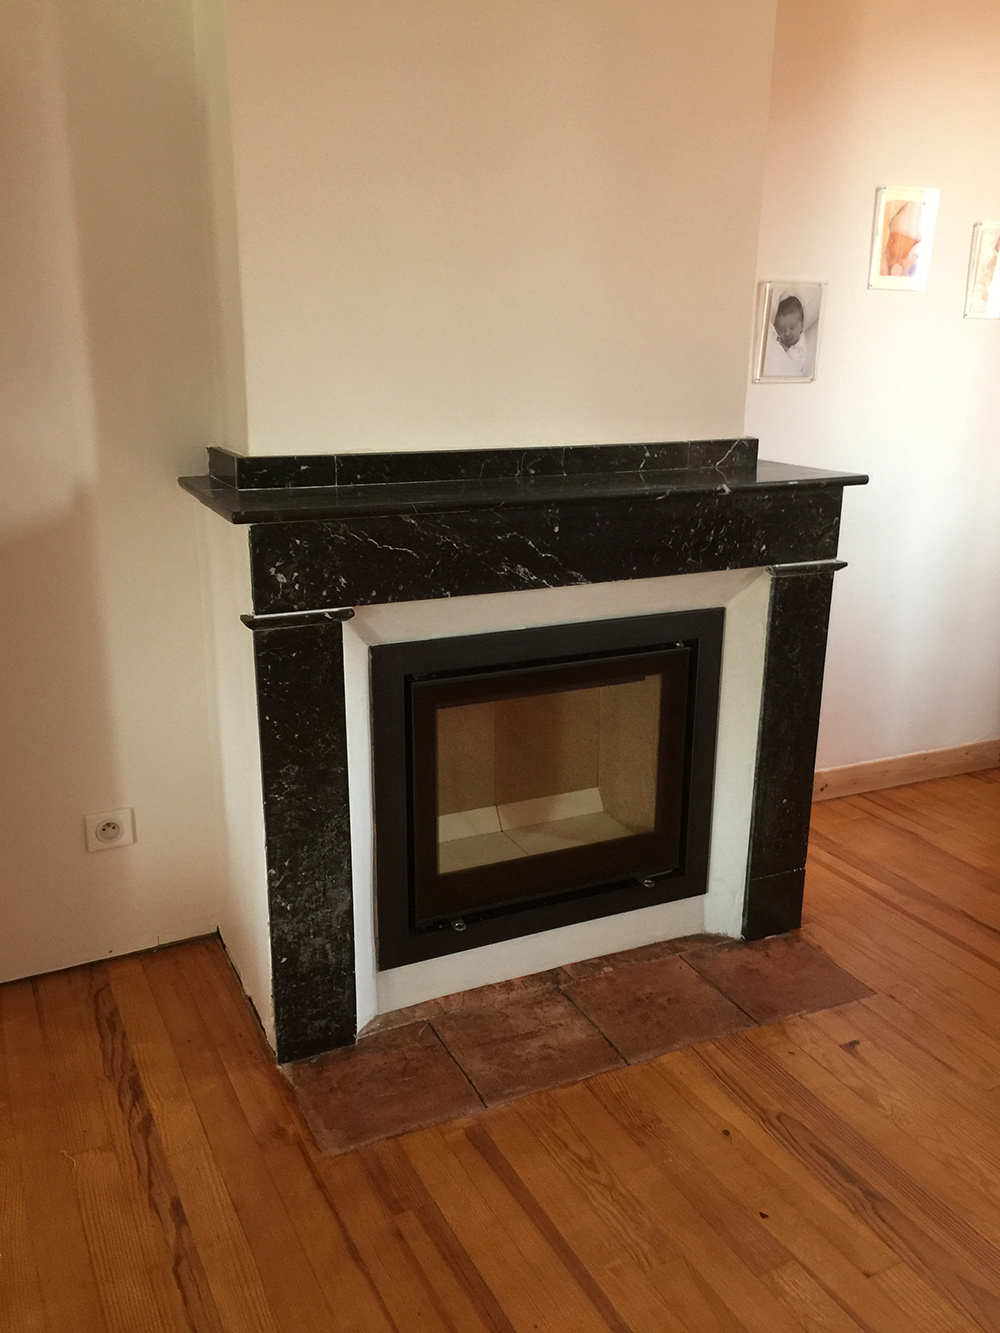 Rénovation d'une cheminée - Après travaux